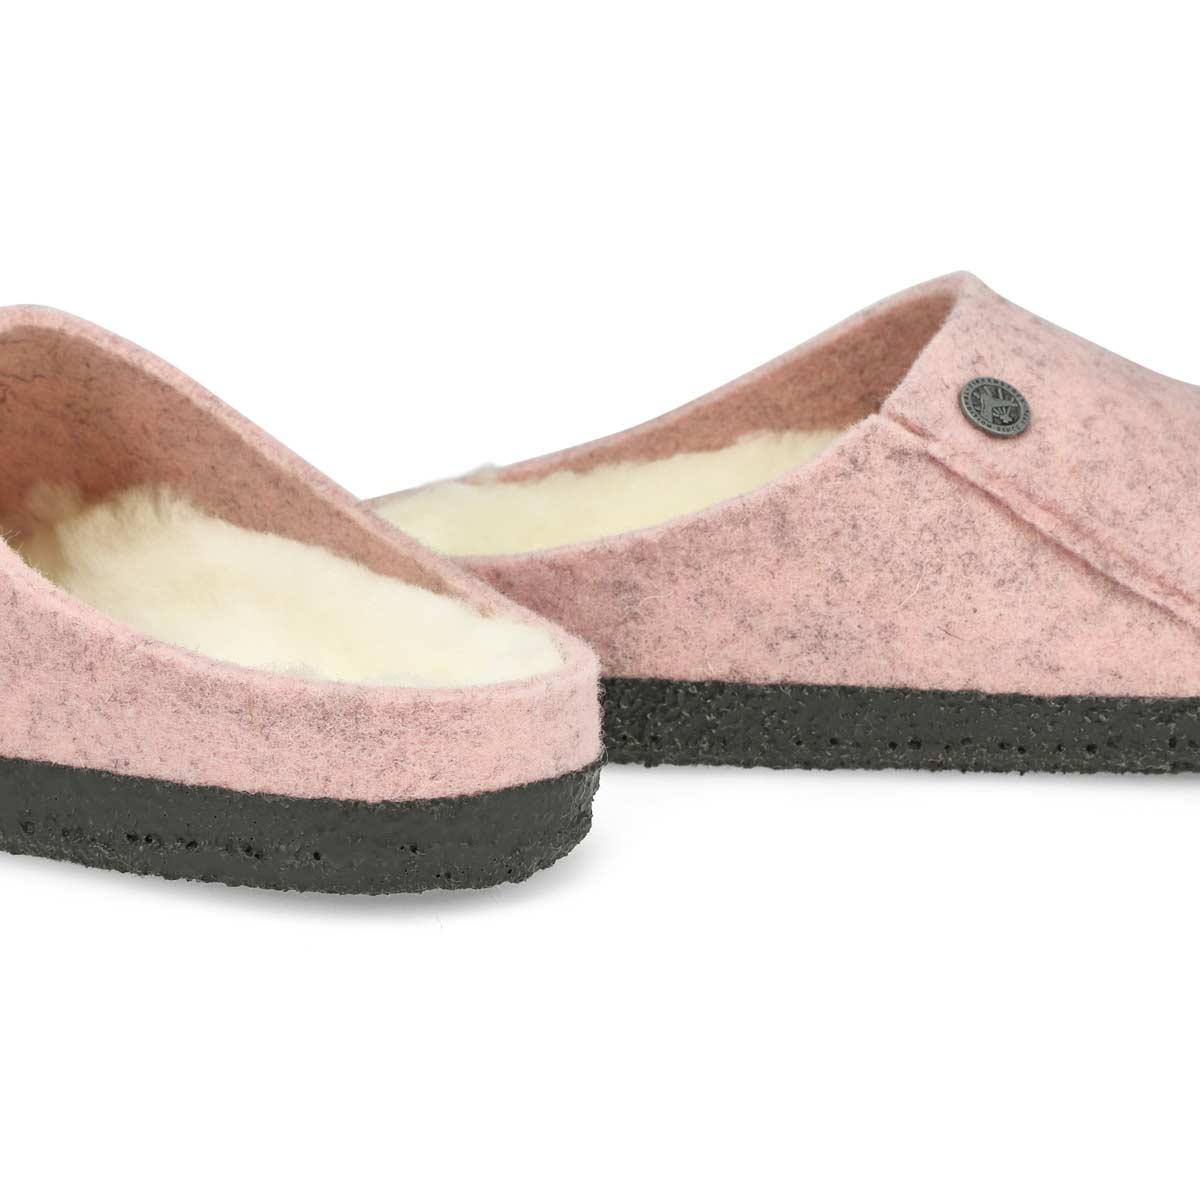 Pantoufle ZERMATT, rose pâle, femme - Étroite